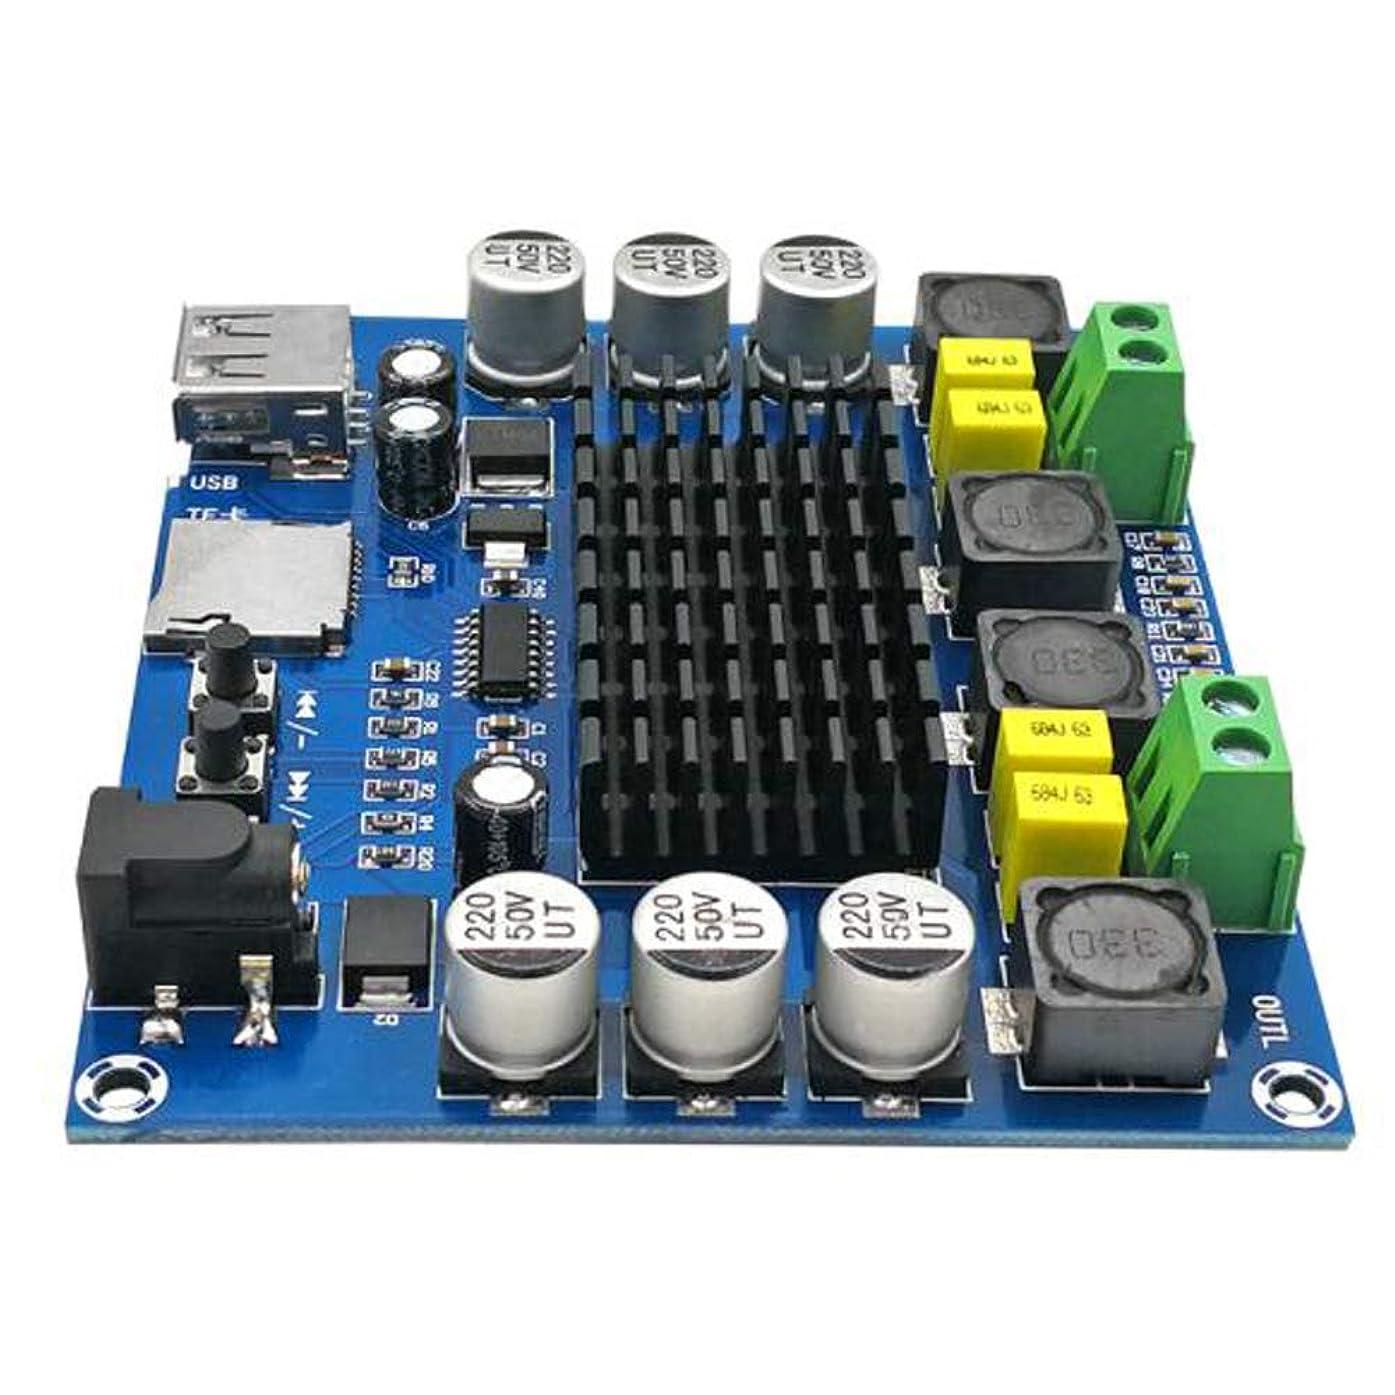 控える仮説横たわる12-24V 50W * 2ハイパワーデジタルパワーアンプボードUSBとTFデコーディング